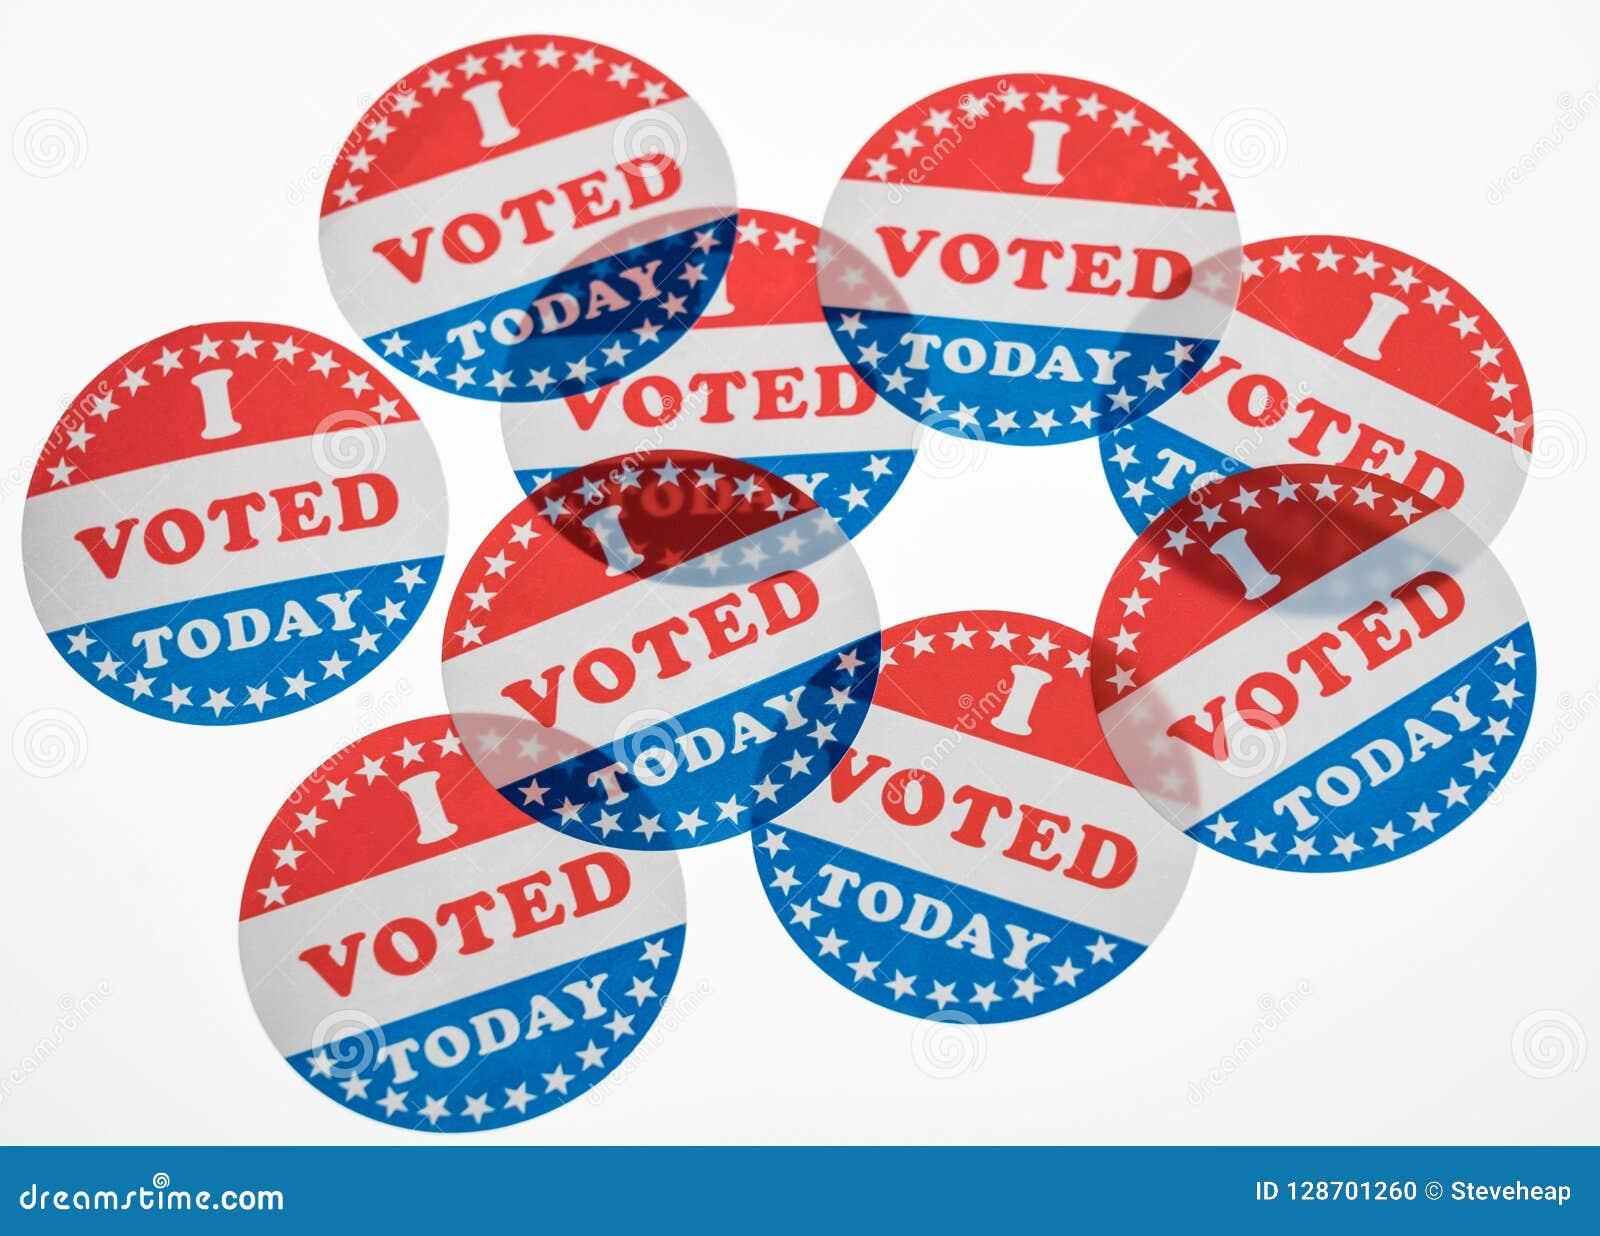 Я проголосовал сегодня бумажные стикеры на белой предпосылке